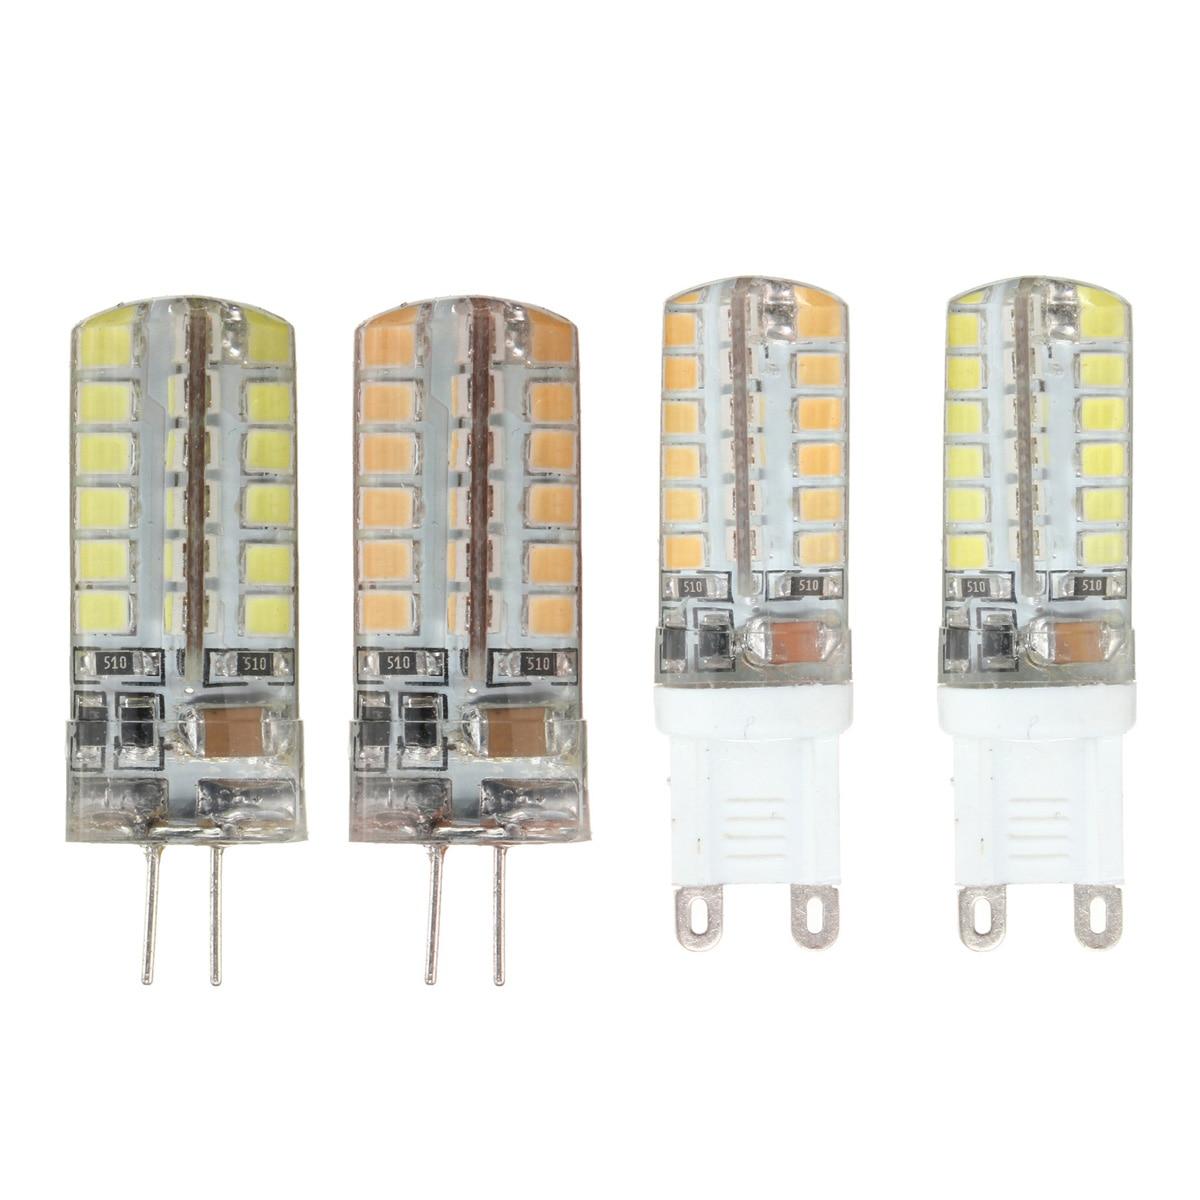 COB G4/G9 Bulb LED 5W AC 220V LED Lamp Crystal LED Light Lampara Ampoule LED Bulb